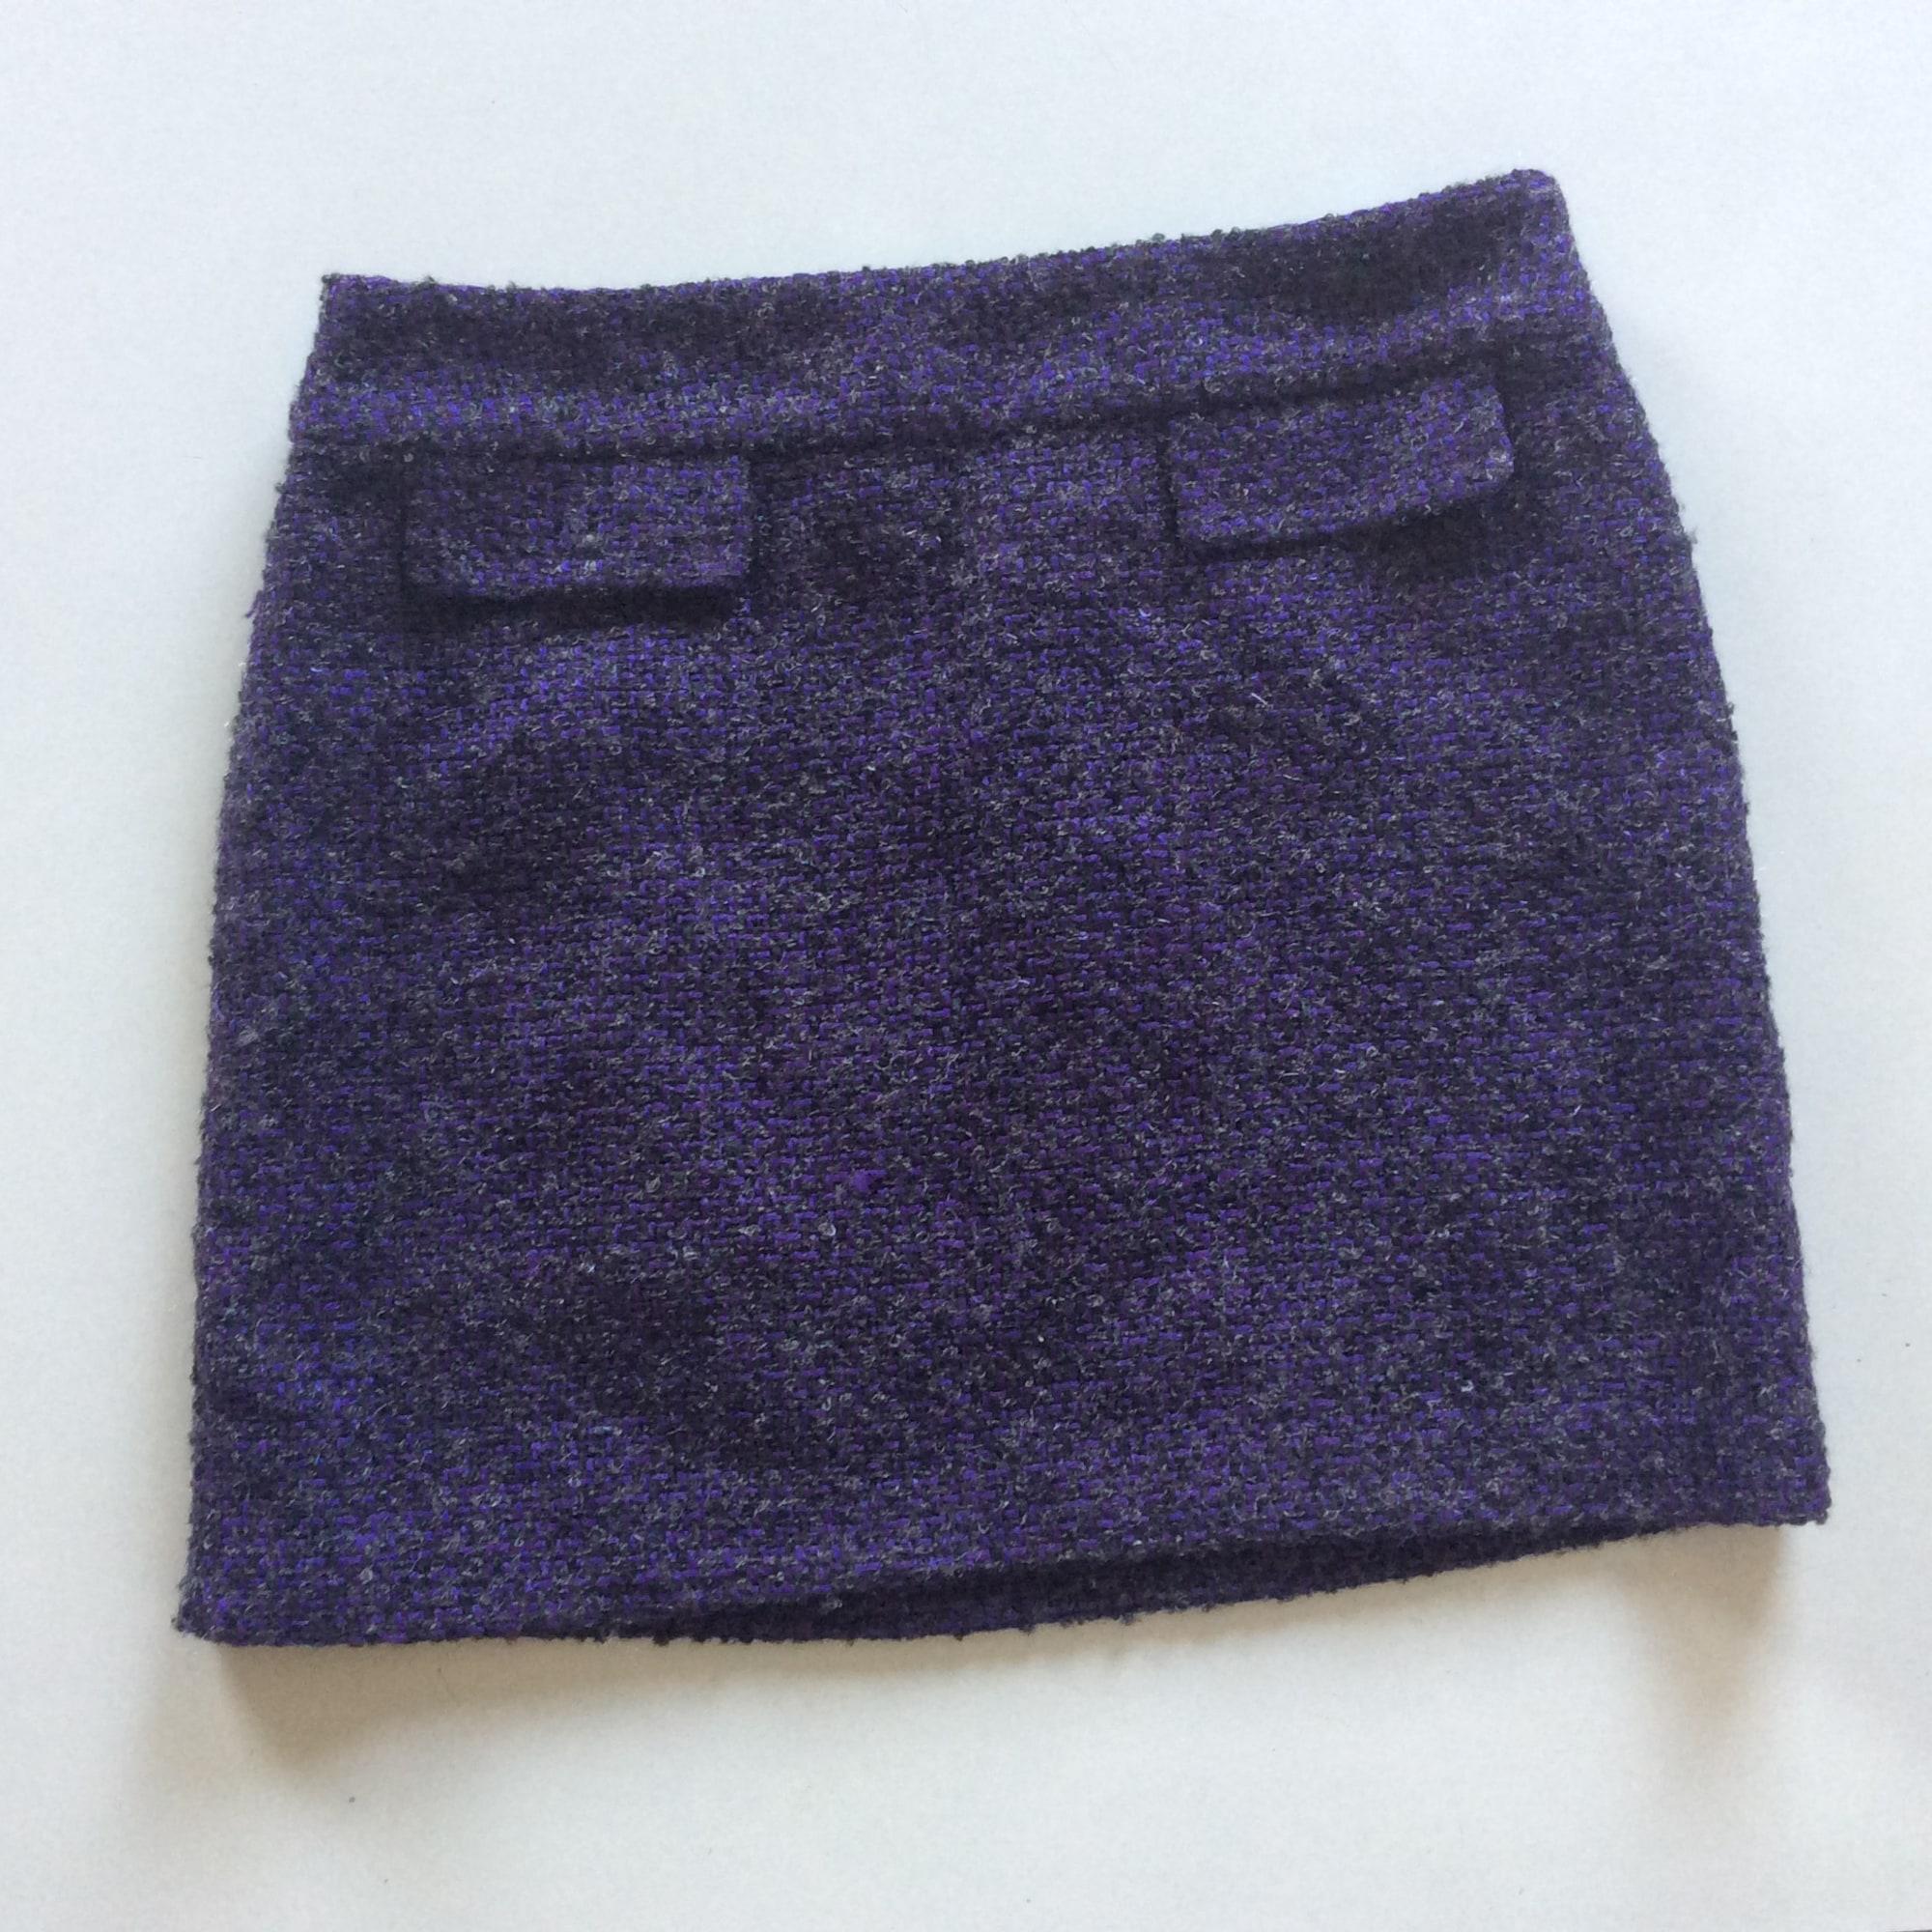 Jupe courte MICHAEL KORS Violet, mauve, lavande